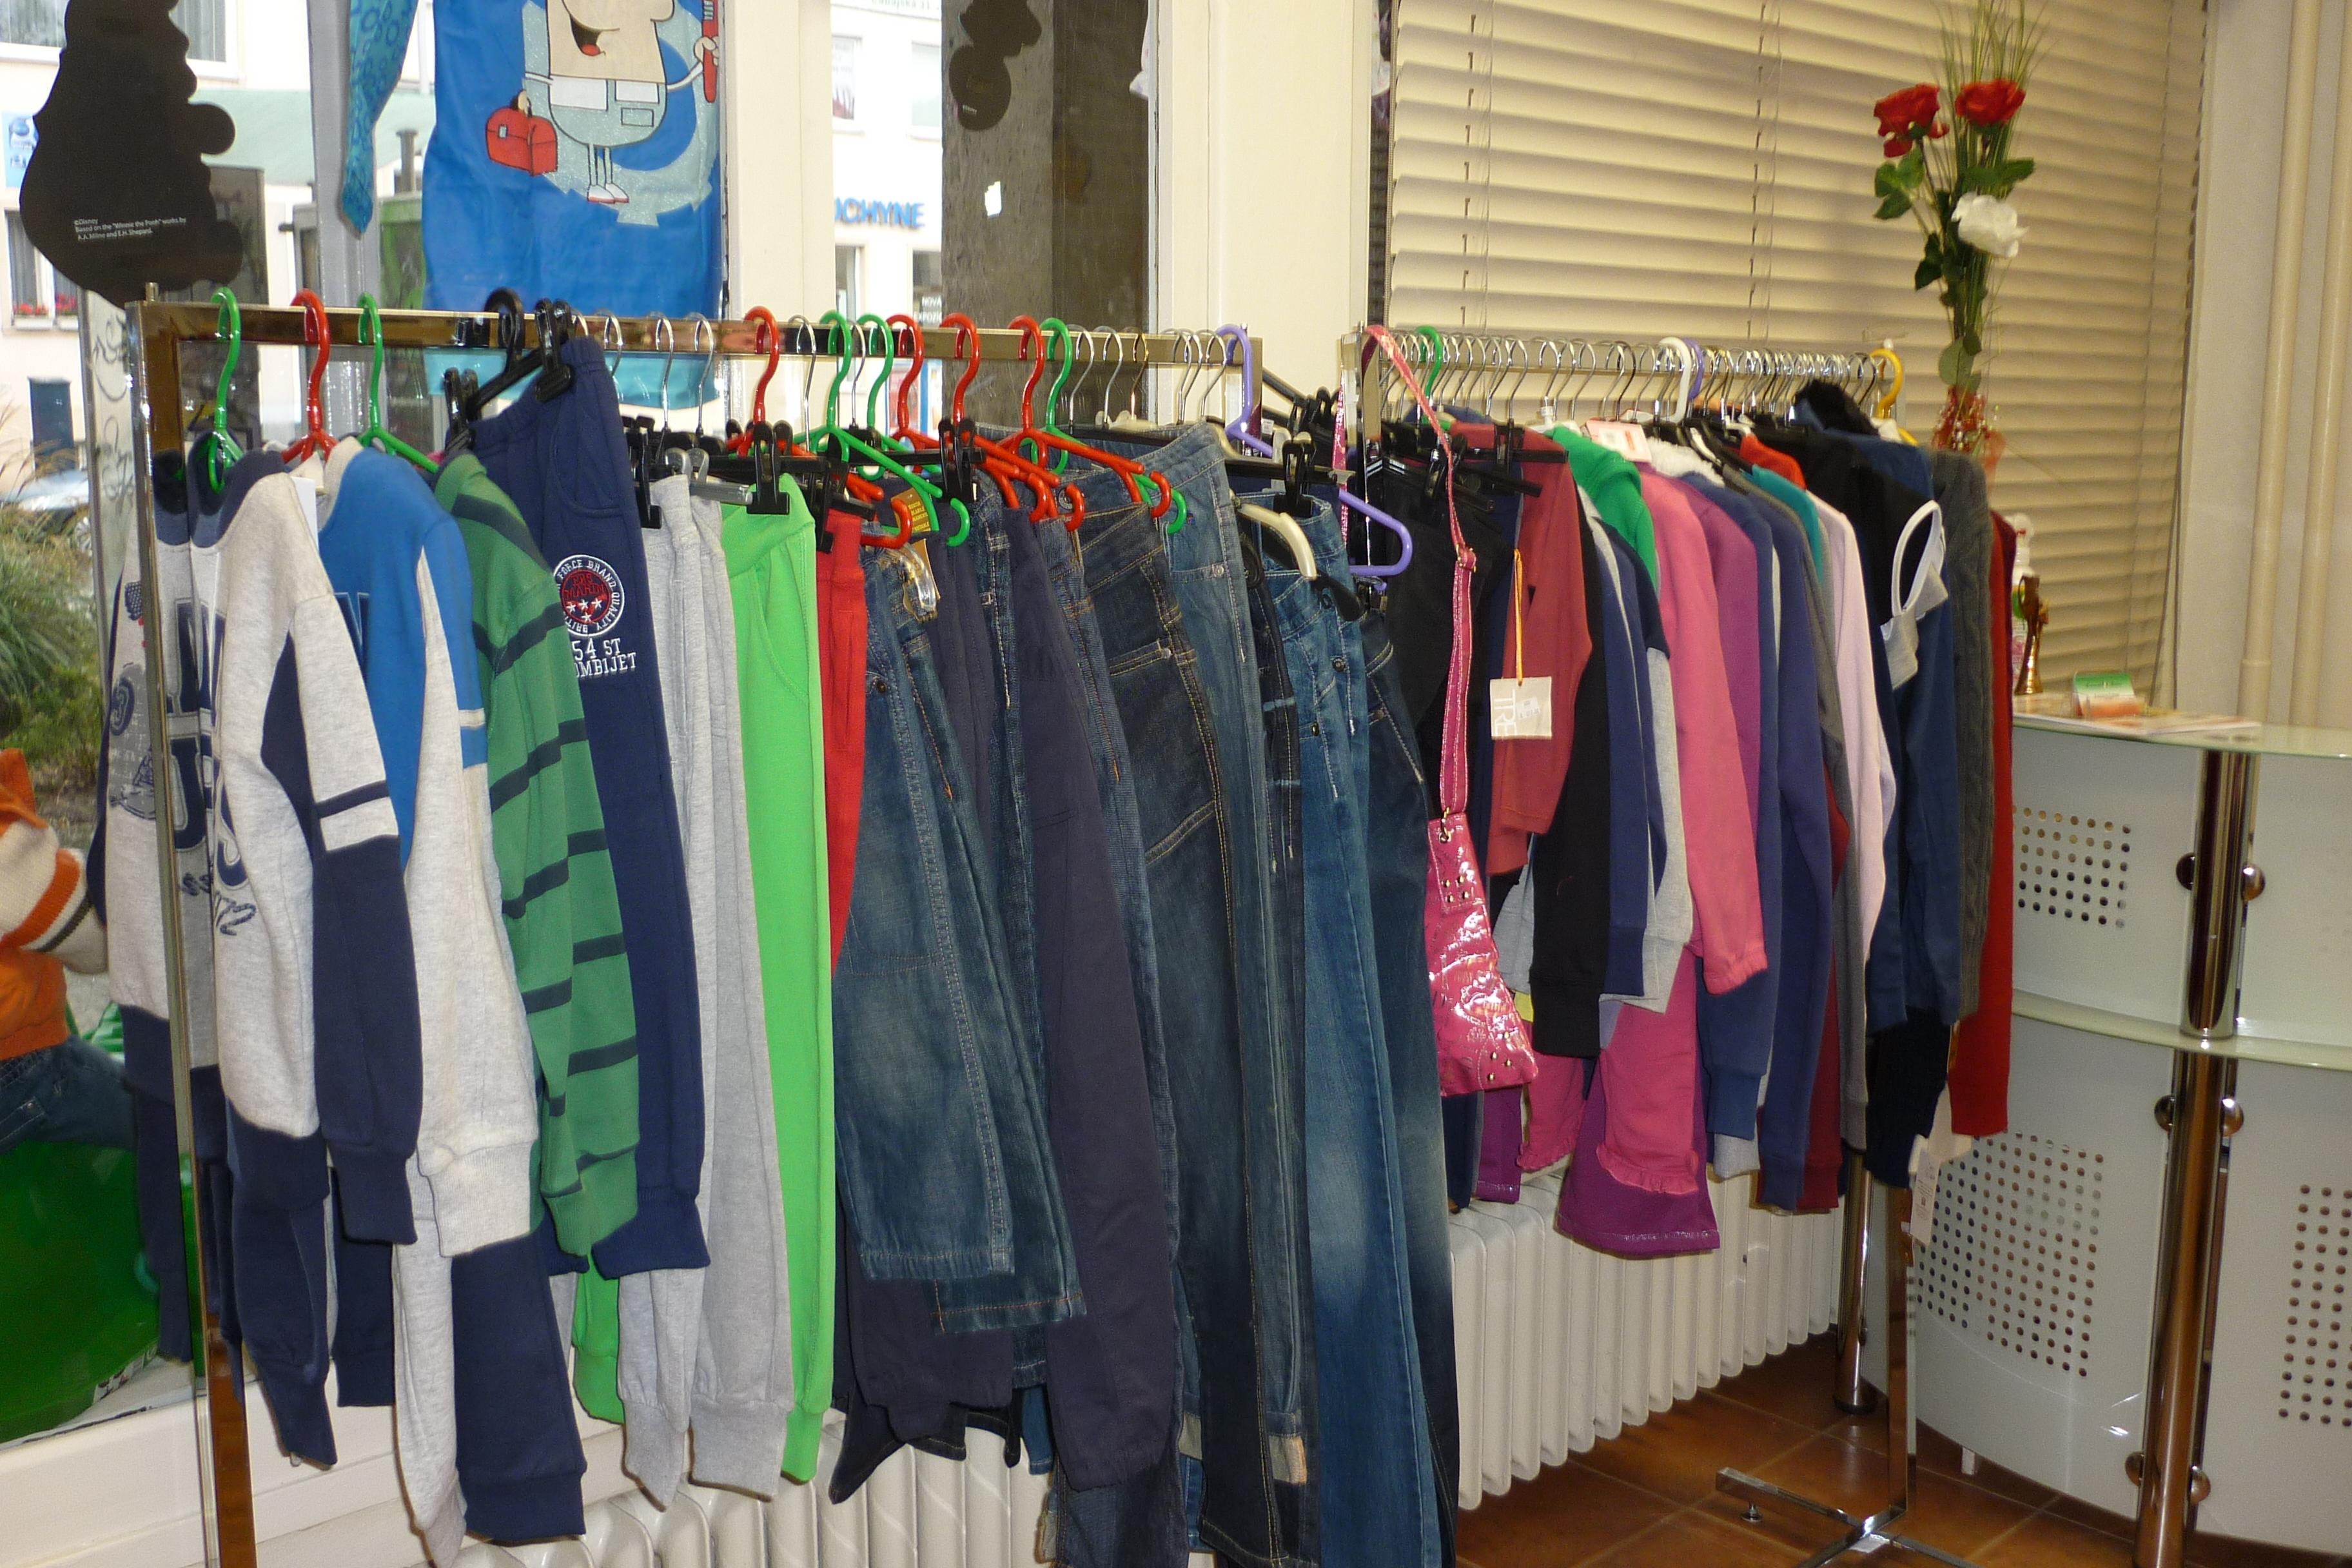 7a6ac9190770 Oblečenie pre deti Erimeli Italia Nitra